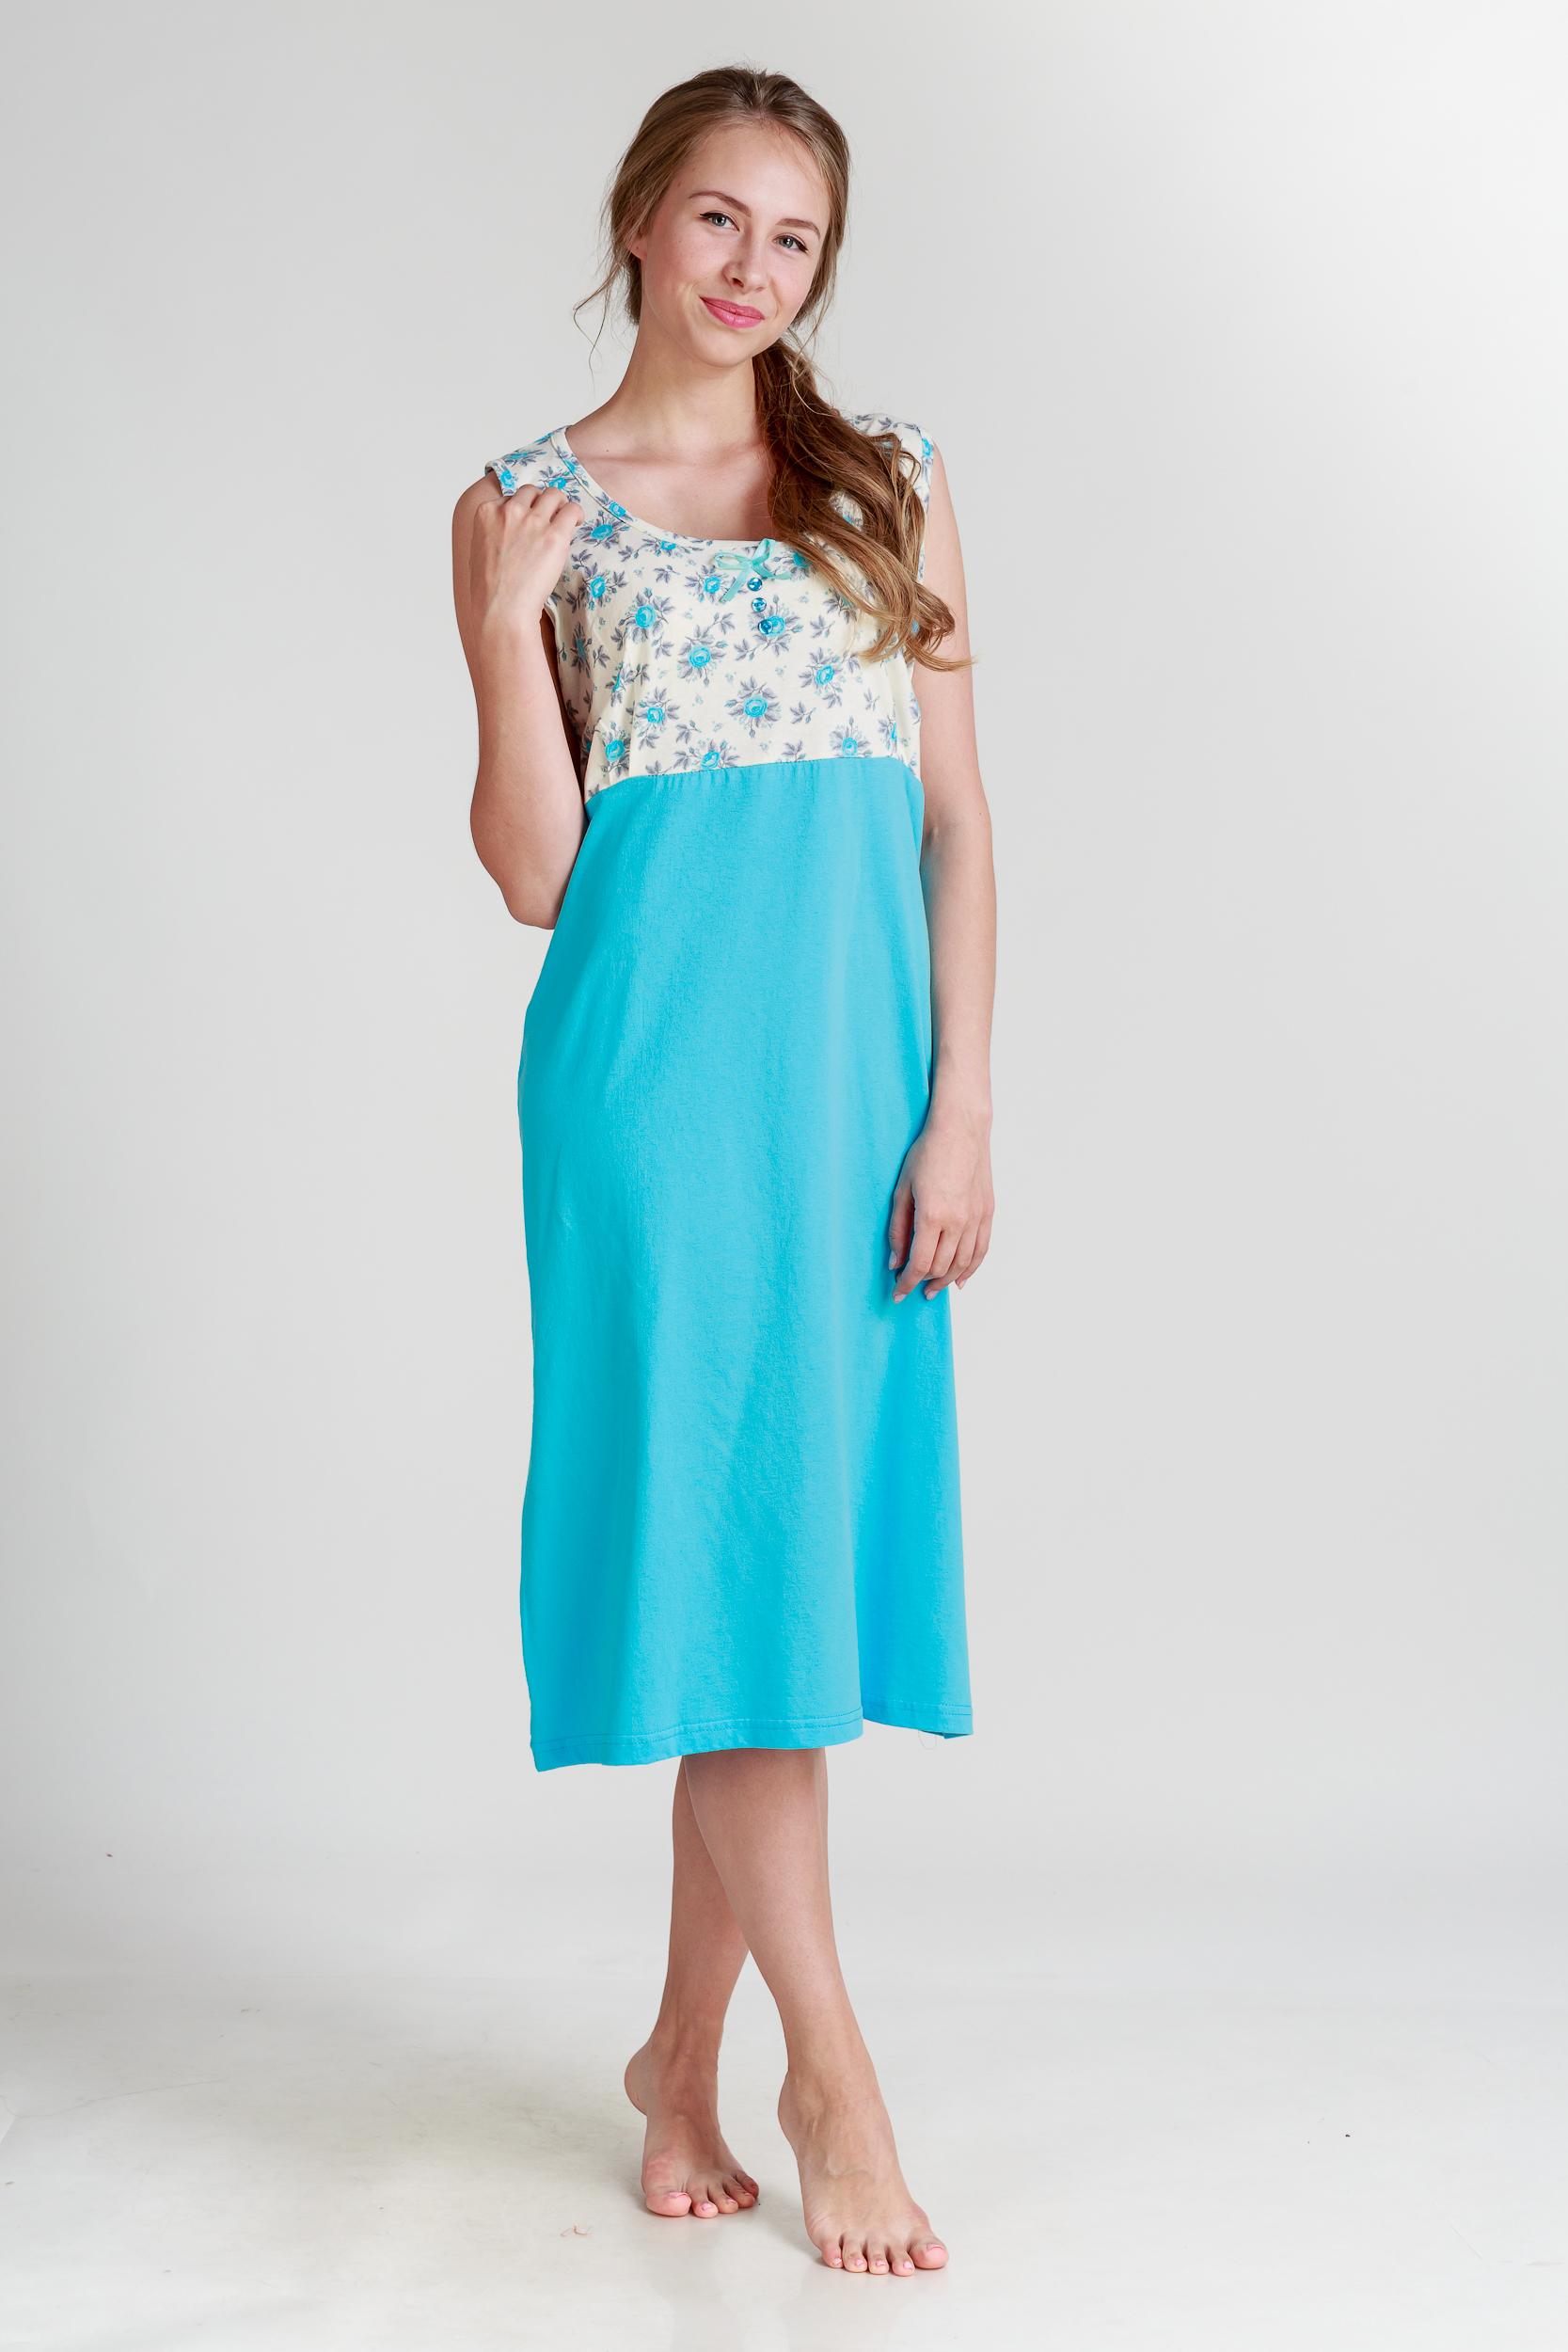 Ночные сорочки Pastilla Ночная сорочка Ваниль Цвет: Голубой (L) ночные сорочки мамин дом ночная сорочка harmony